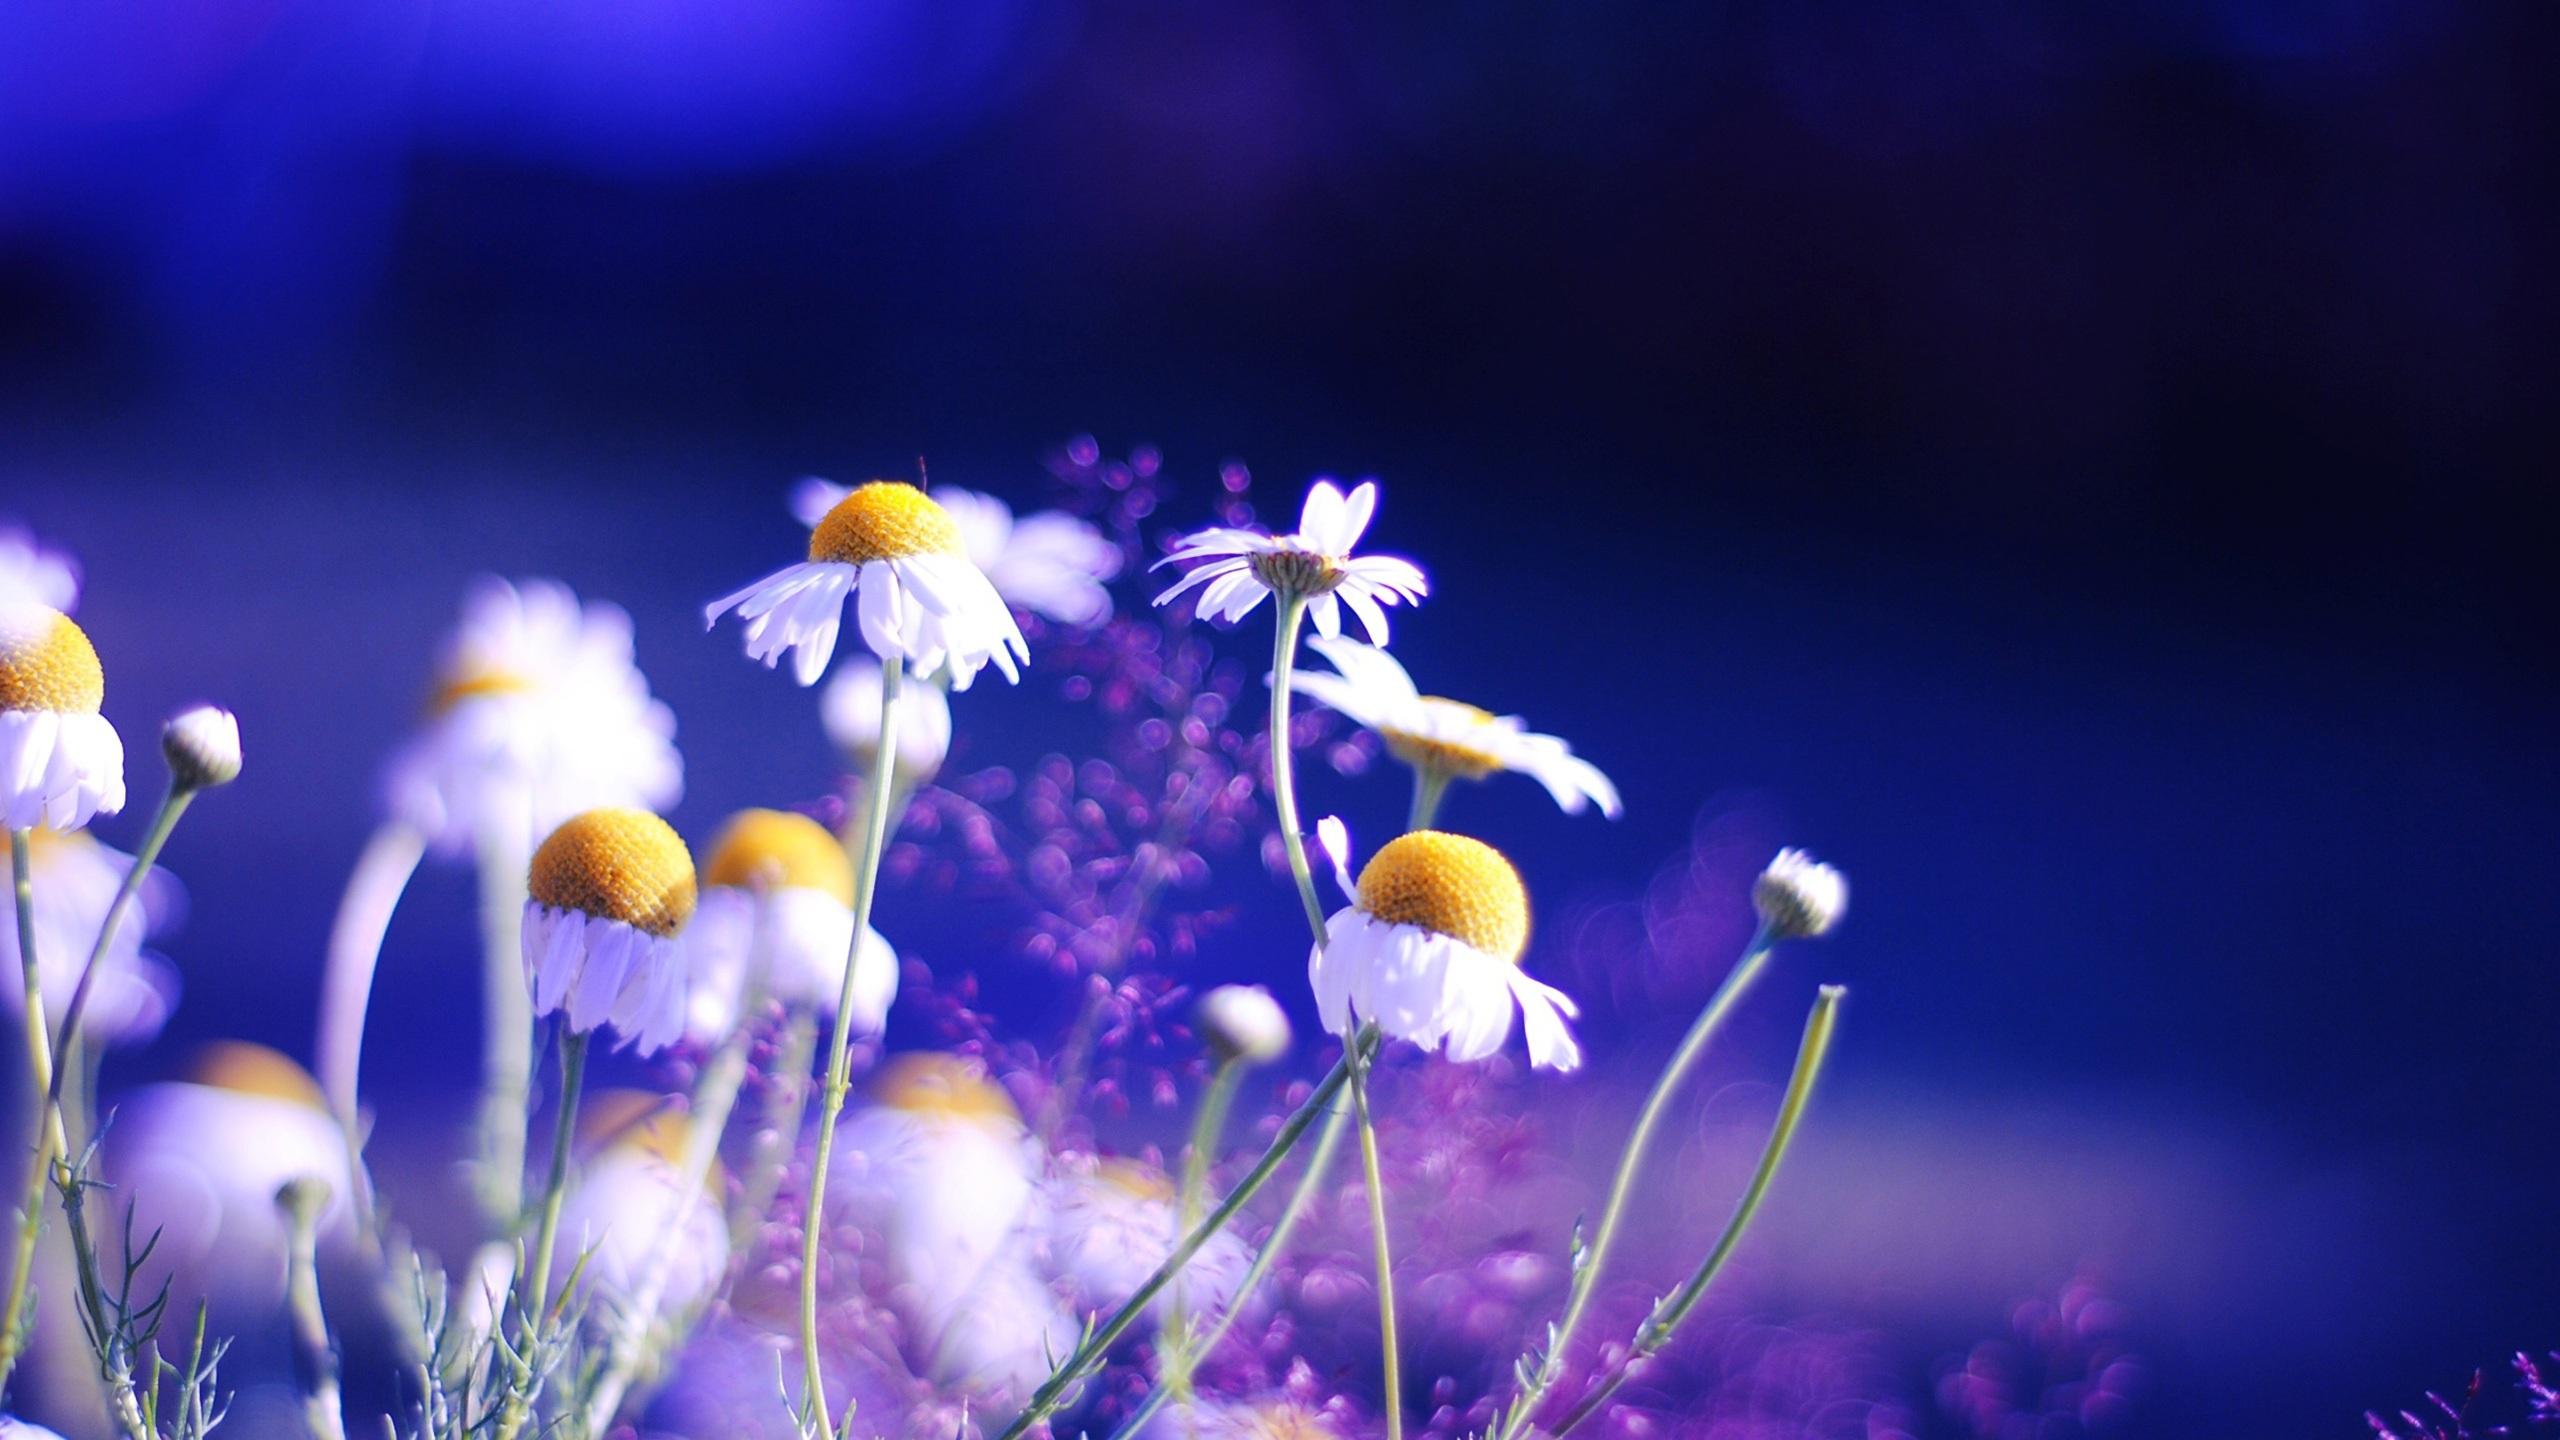 Fonds d 39 cran t l charger 2560x1440 daisy fleurs sur fond for Fond ecran qhd